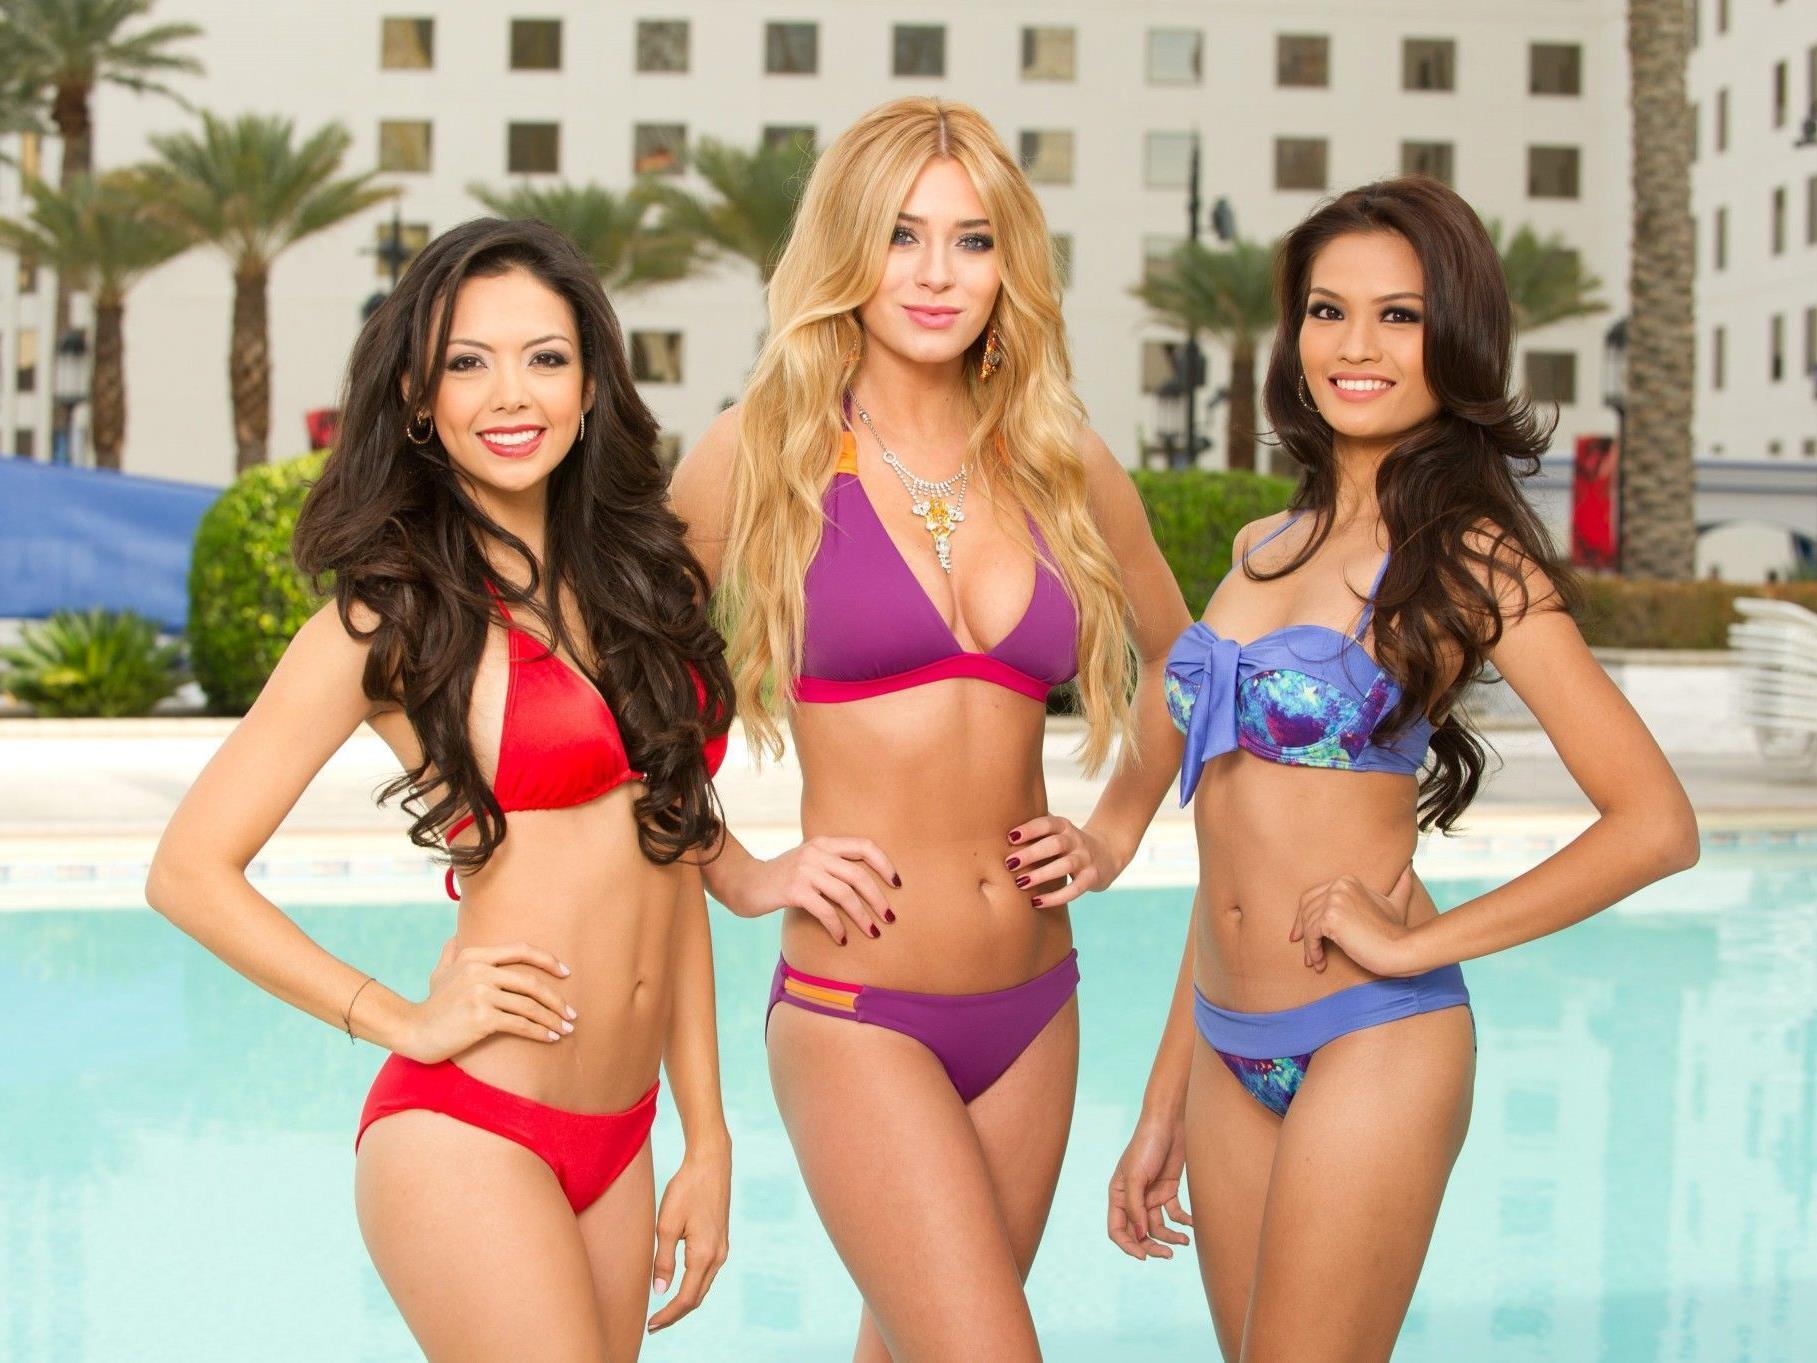 Miss Nicaragua, Miss Polen und Miss Philippines am Pool.